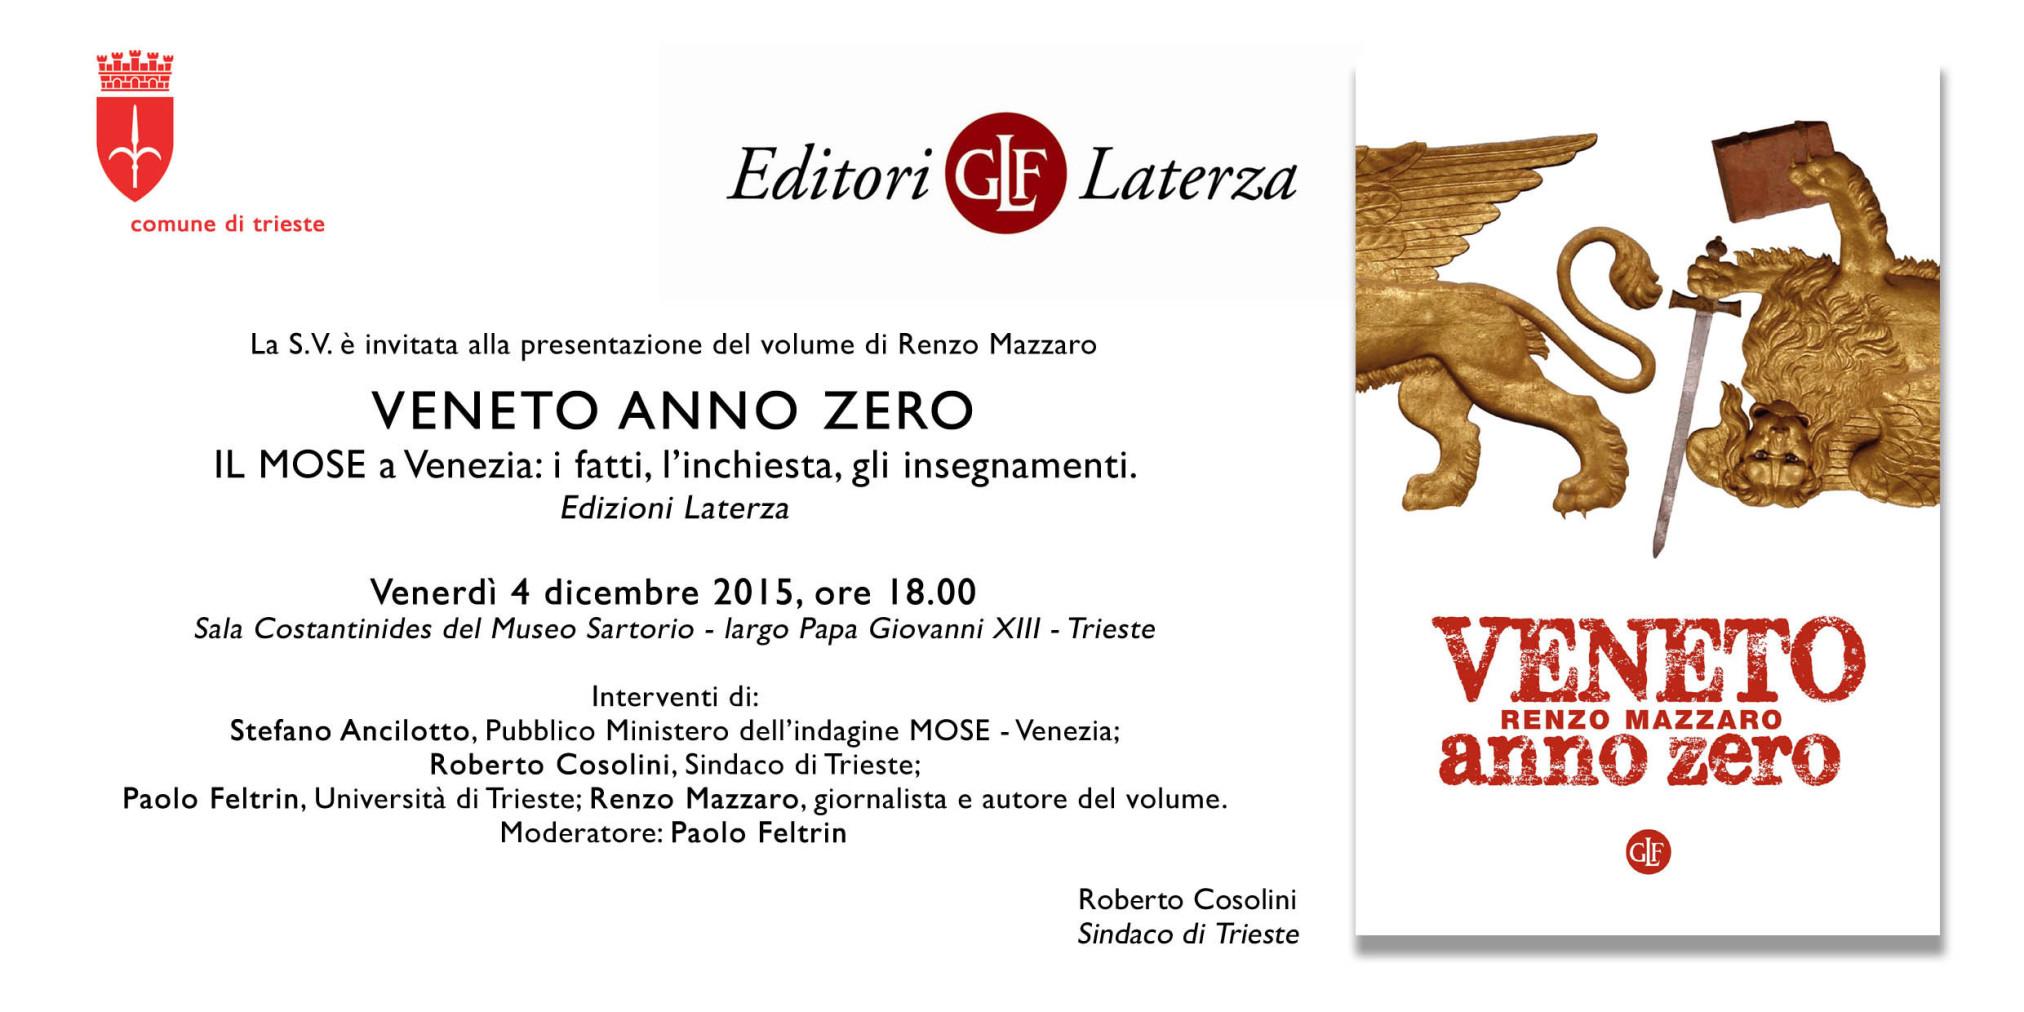 invito_Veneto-anno-zero_WEB